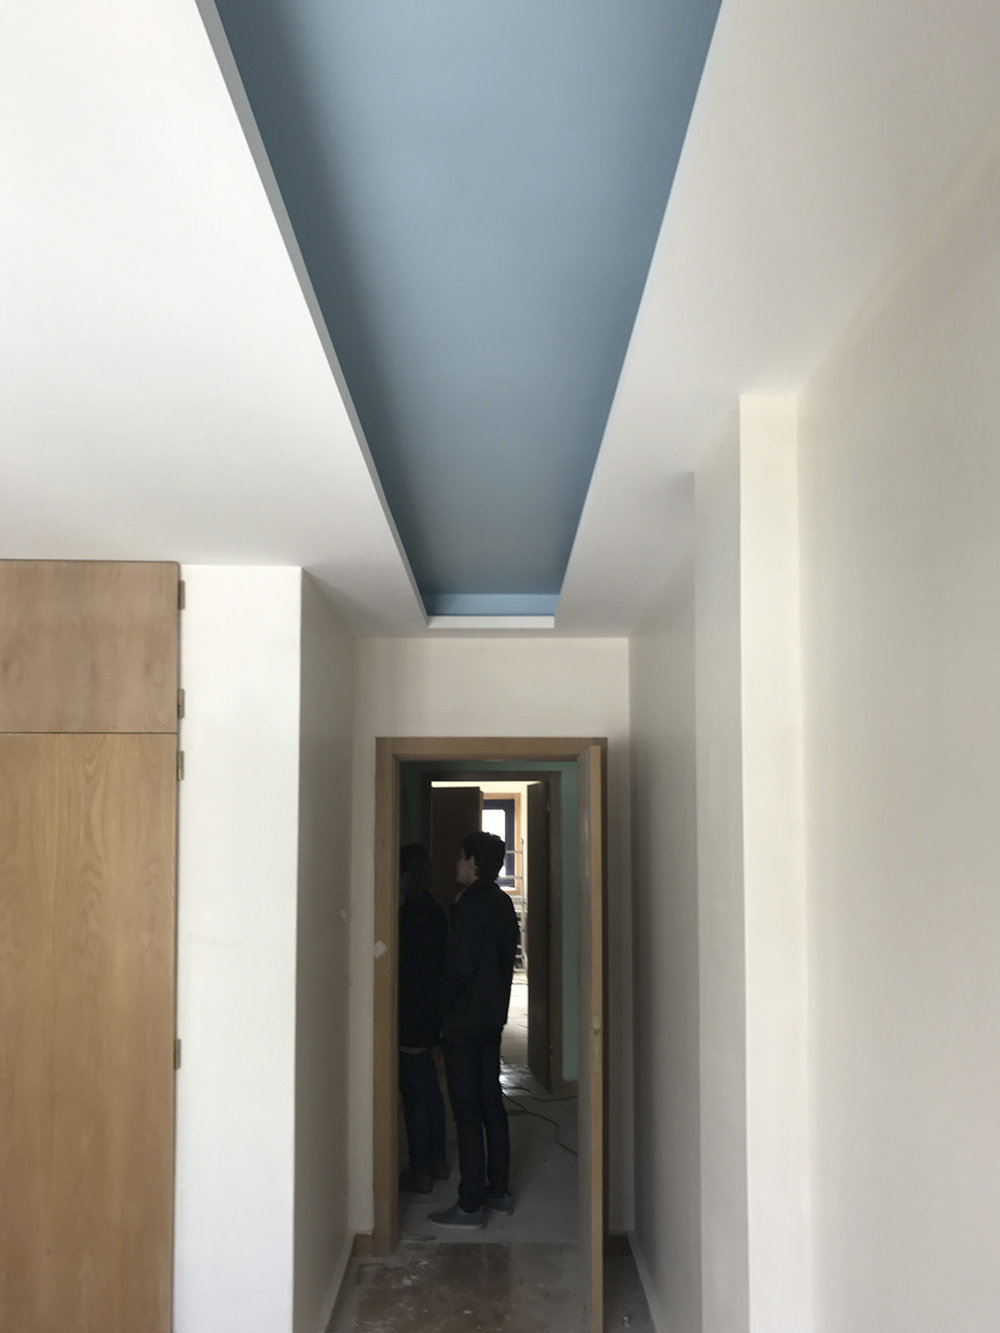 Apartamento Azul Farol - Porto - EVA evolutionary architecture - EVA atelier - Arquitecto - Remodelação (4).jpg